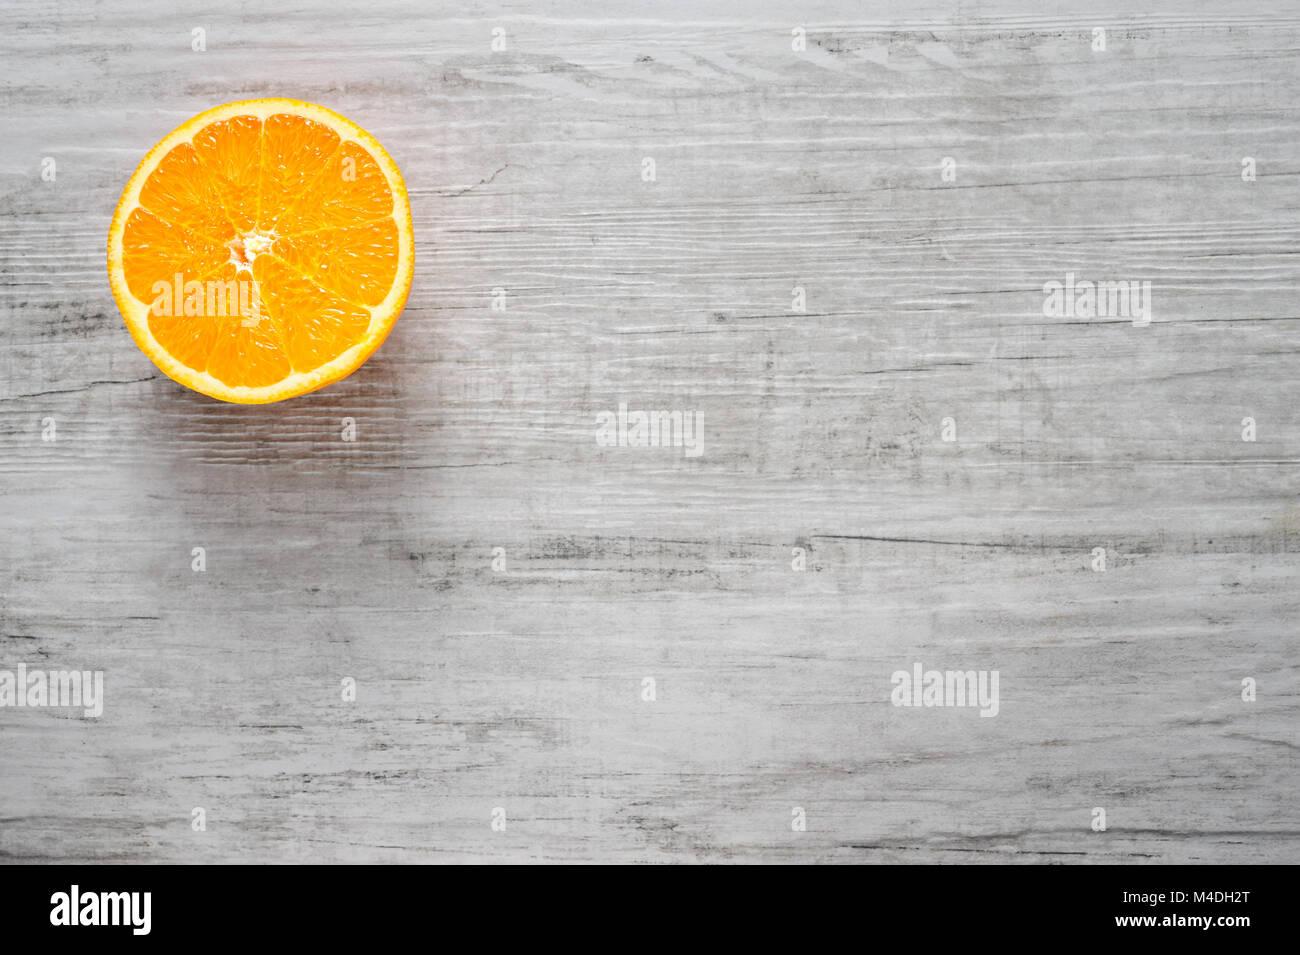 Slice of fresh oranges on white wood background - Stock Image